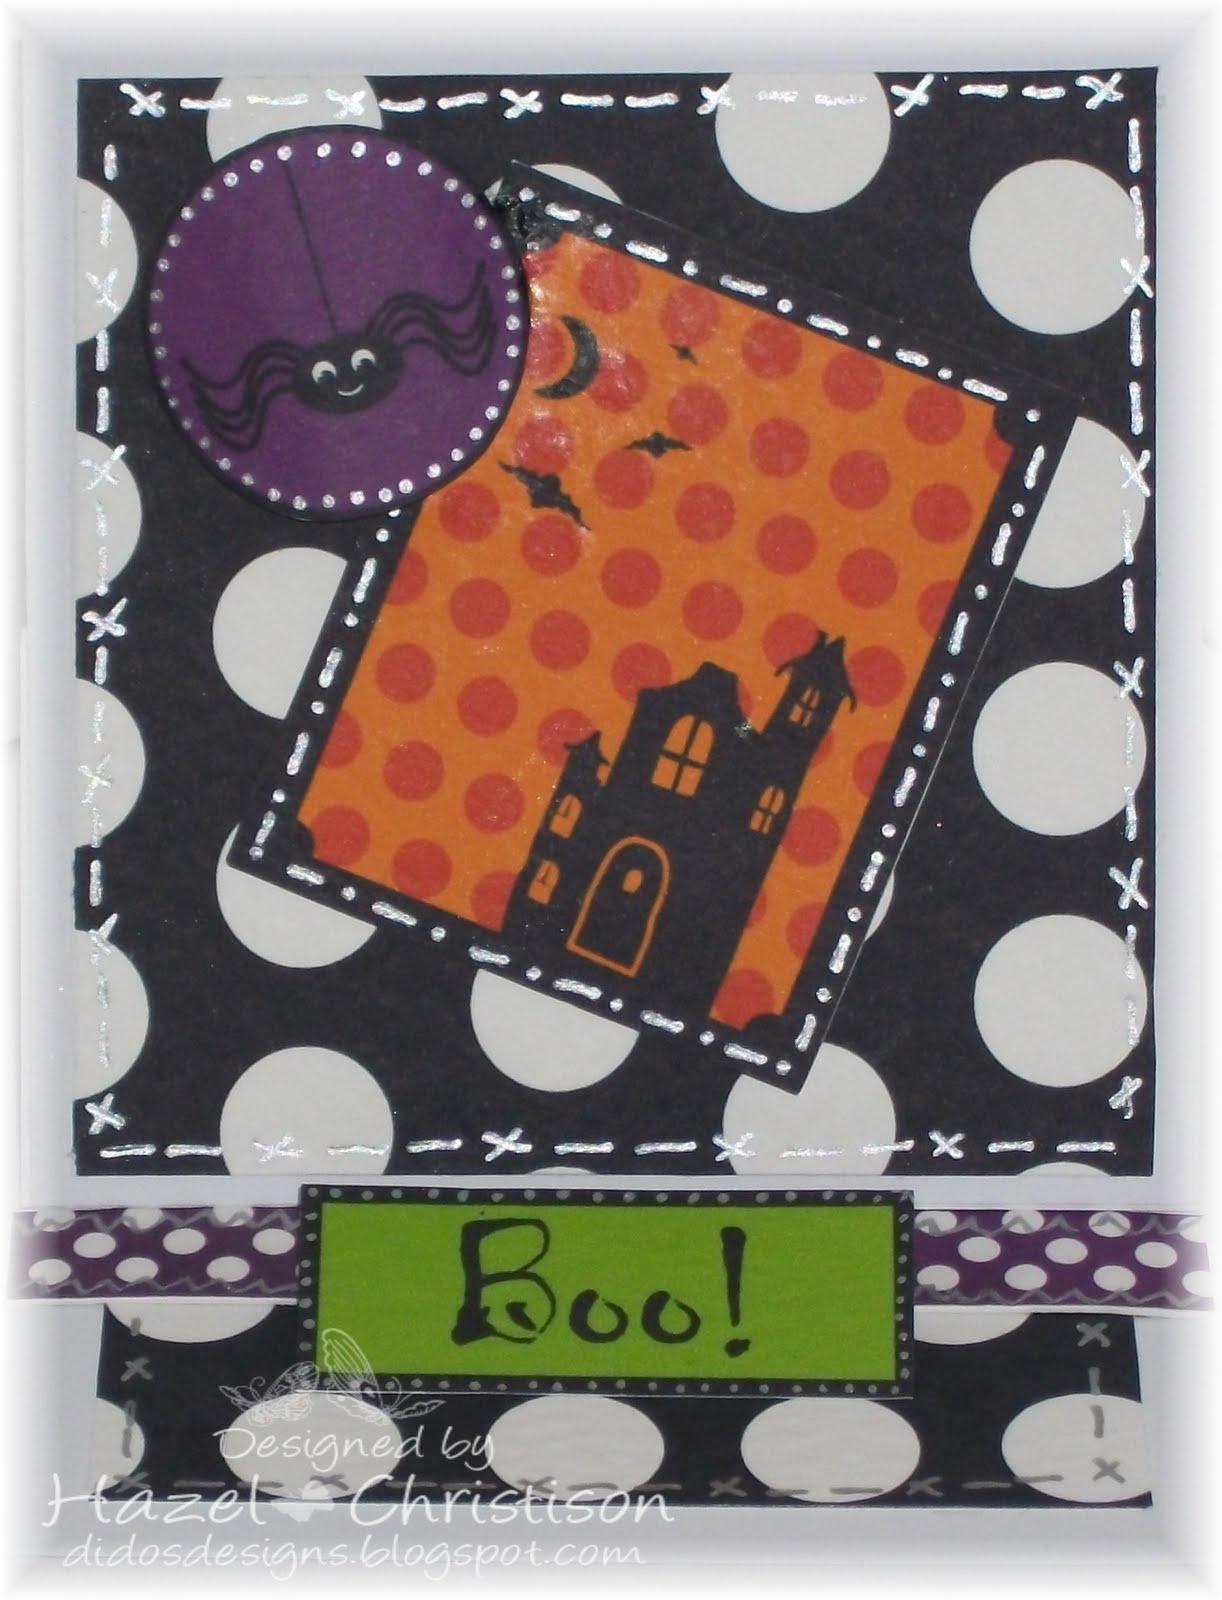 http://2.bp.blogspot.com/_ihXMJn_SHoI/TLGfM1ljQ8I/AAAAAAAAD3Y/LM_aYLxOEB0/s1600/Cards+By+Dido\'s+Designs+006.JPG